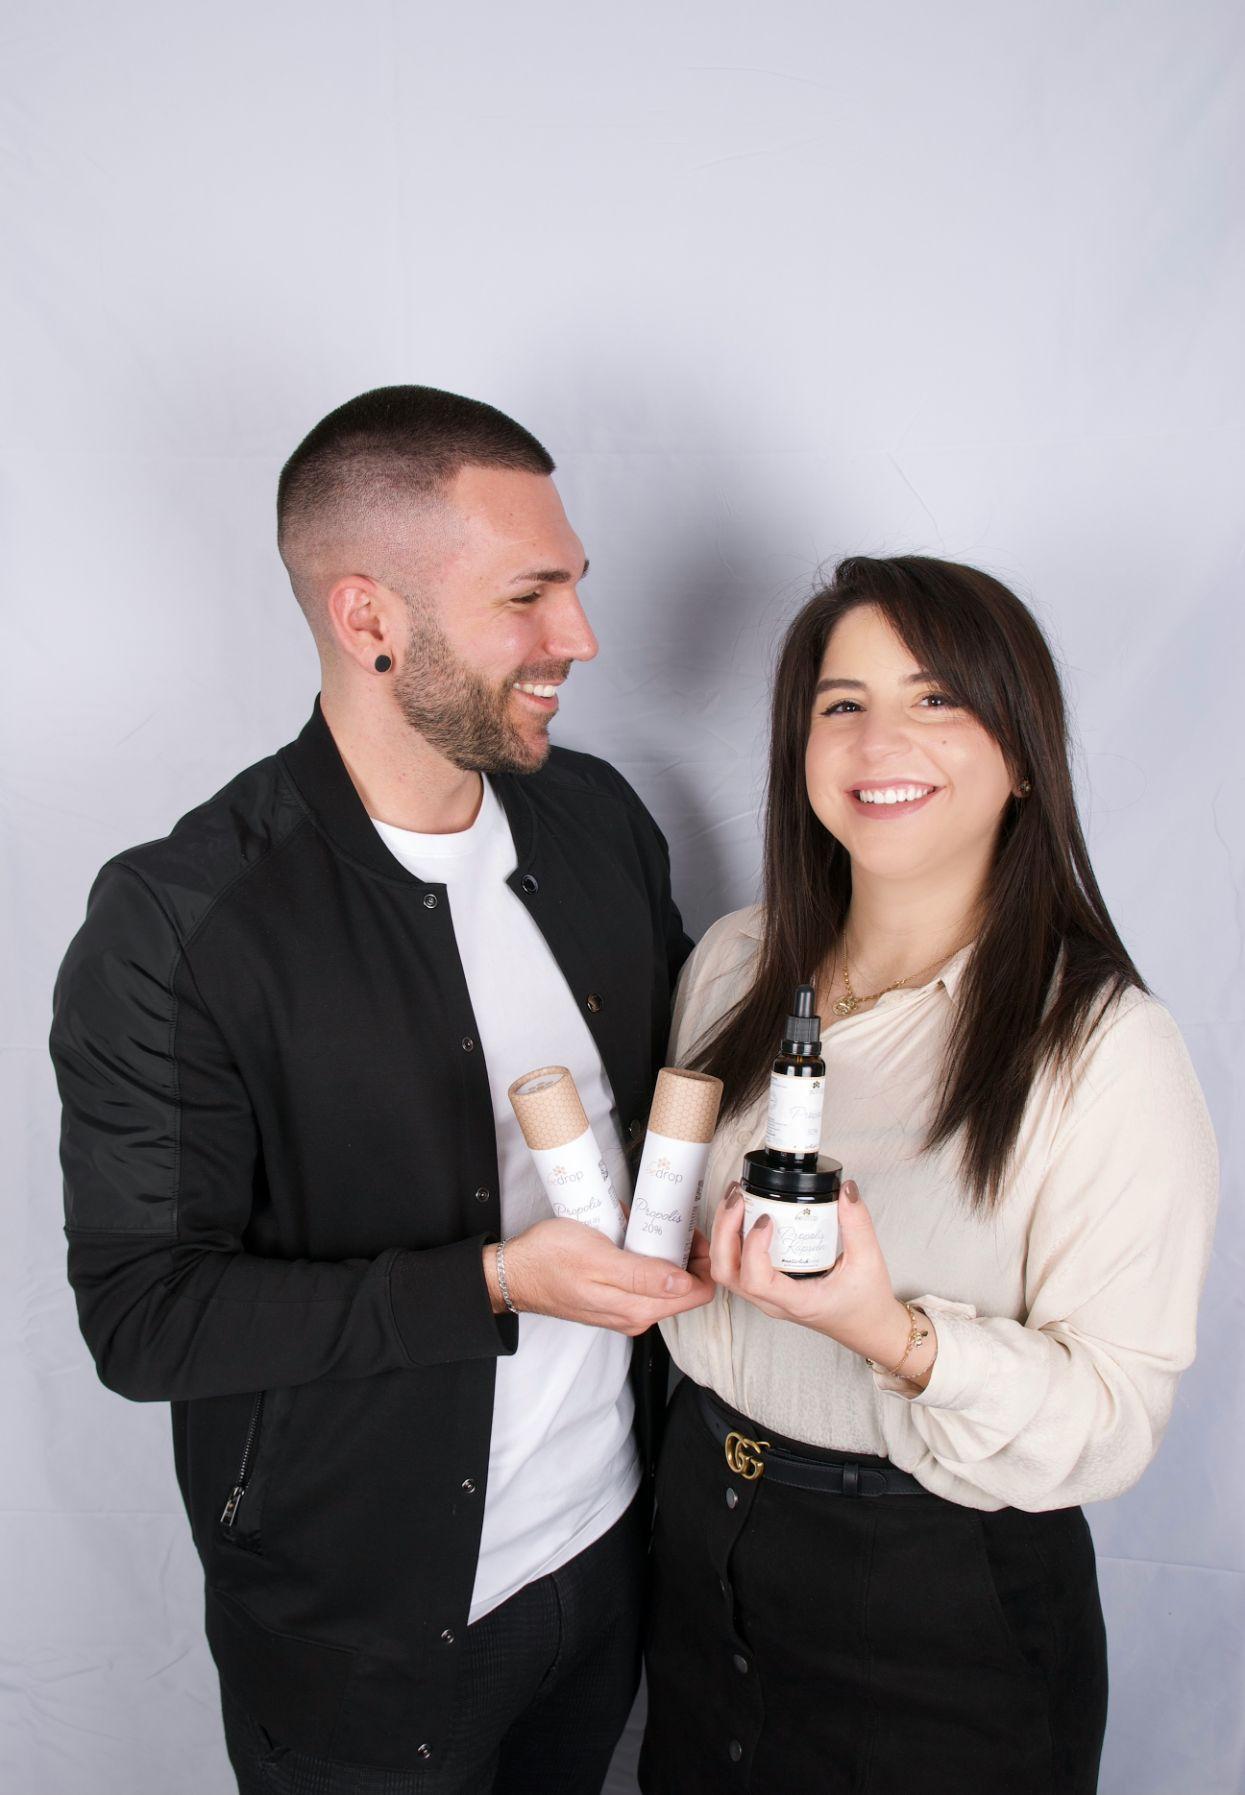 Das Gründerpaar Betül Yönak und Florian Bein vom Startup bedrop.de